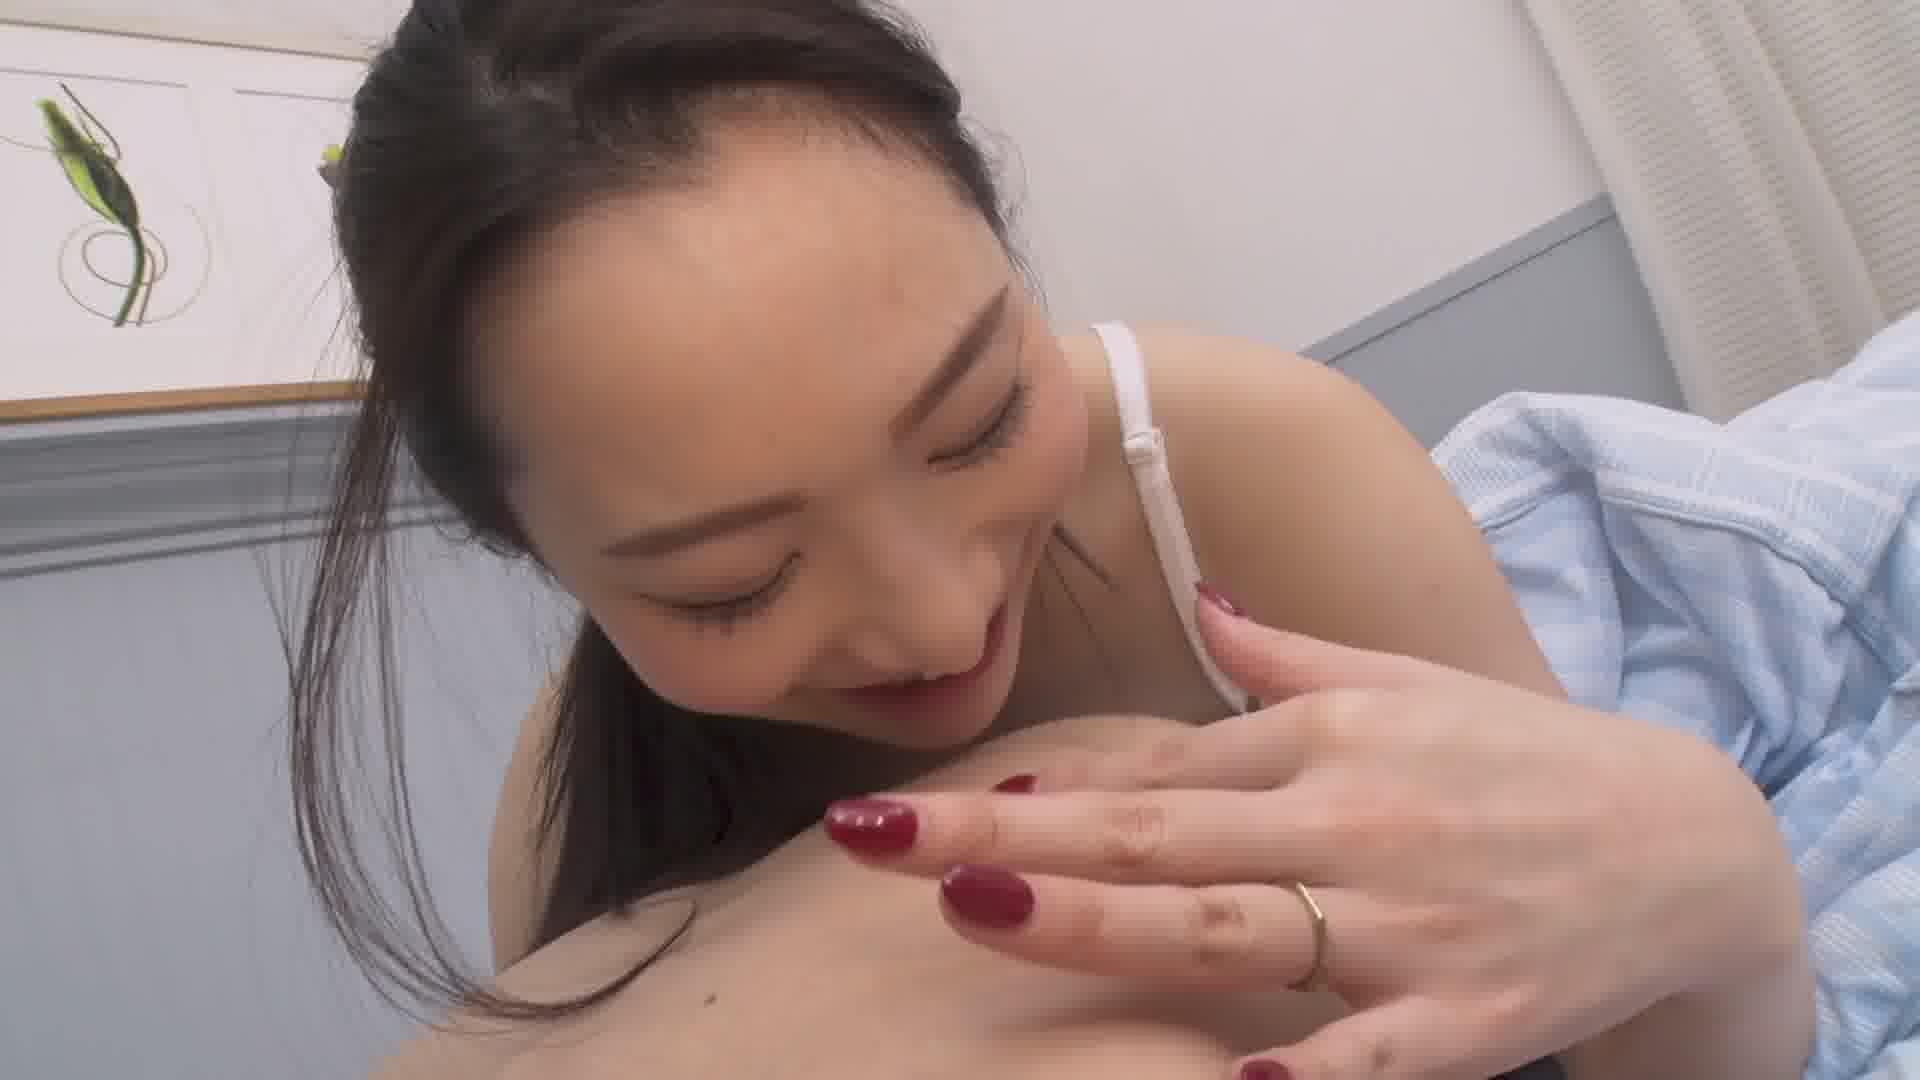 吉岡蓮美がぼくのお嫁さん - 吉岡蓮美【痴女・ハメ撮り・パイパン】